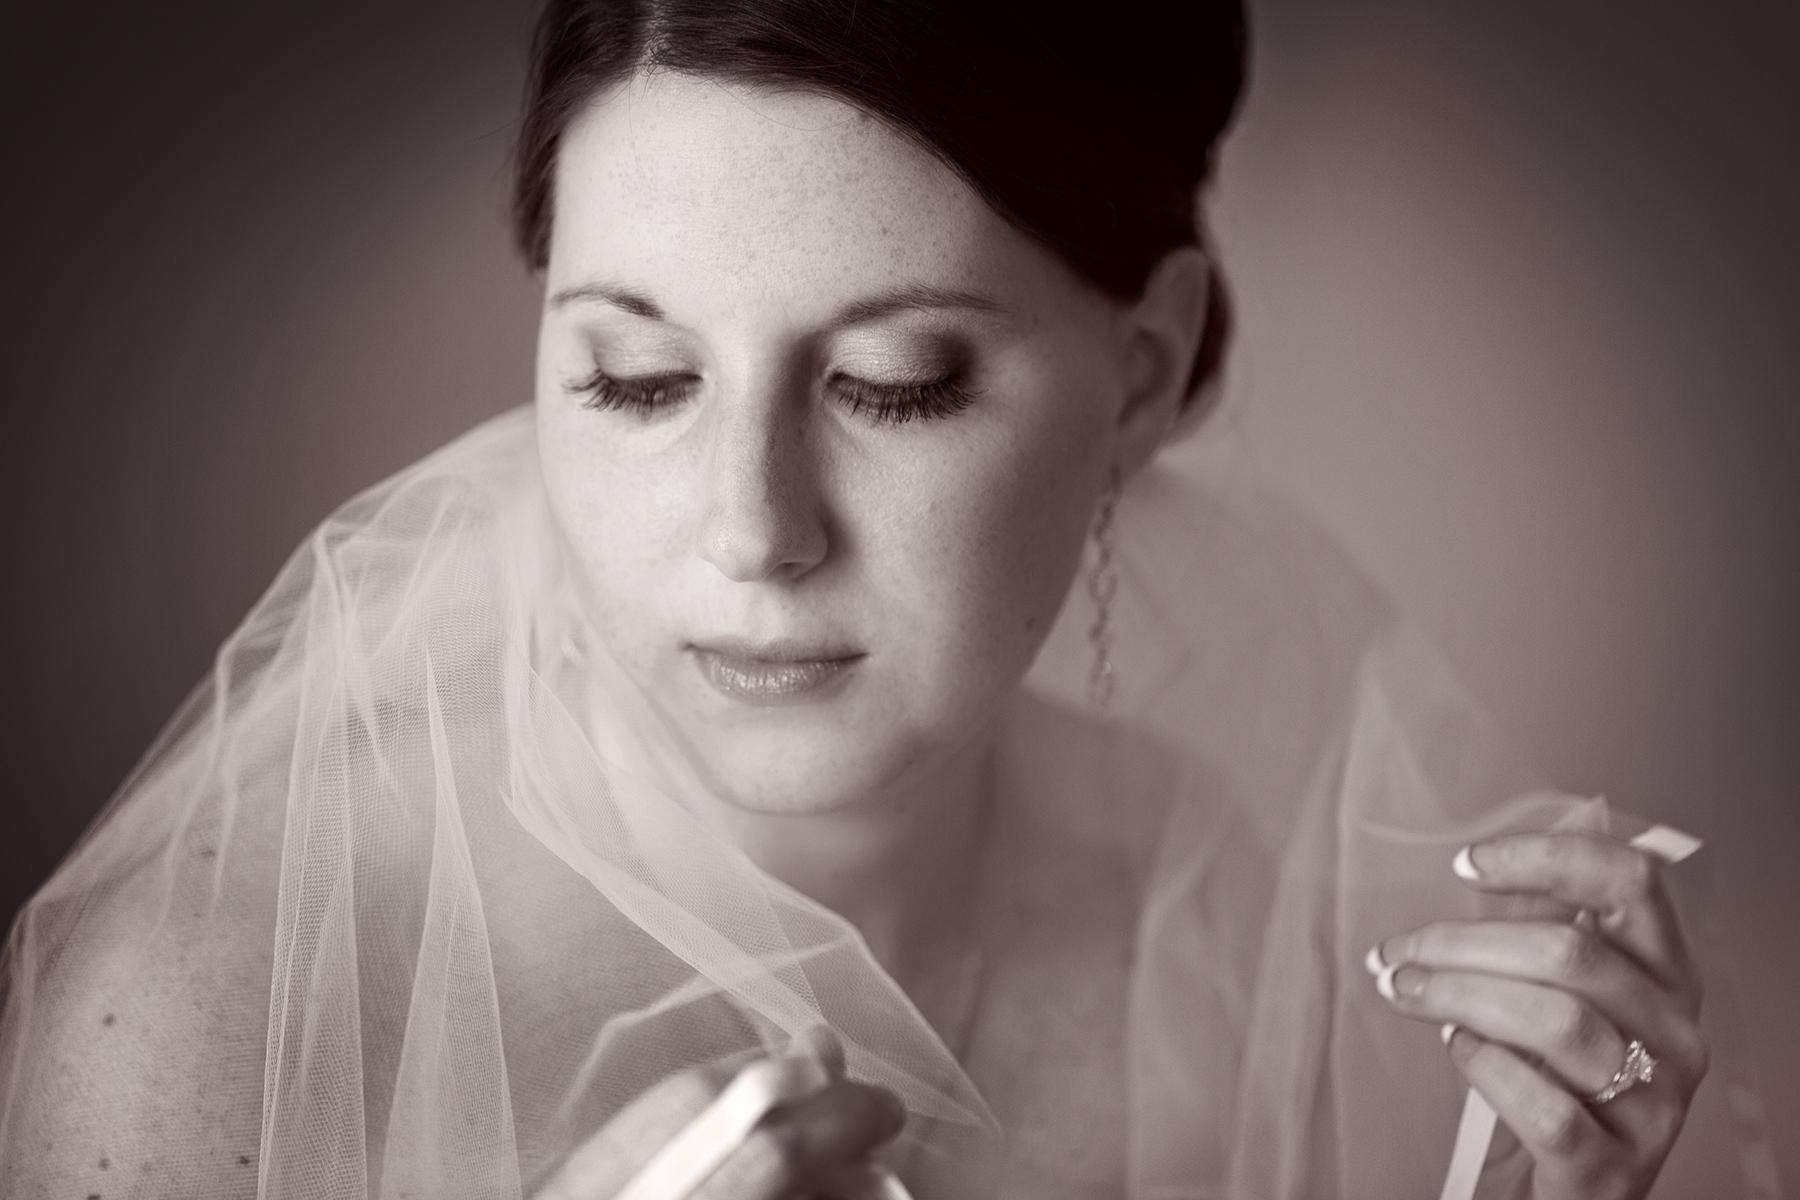 Artistic Bridal Portrait Photo